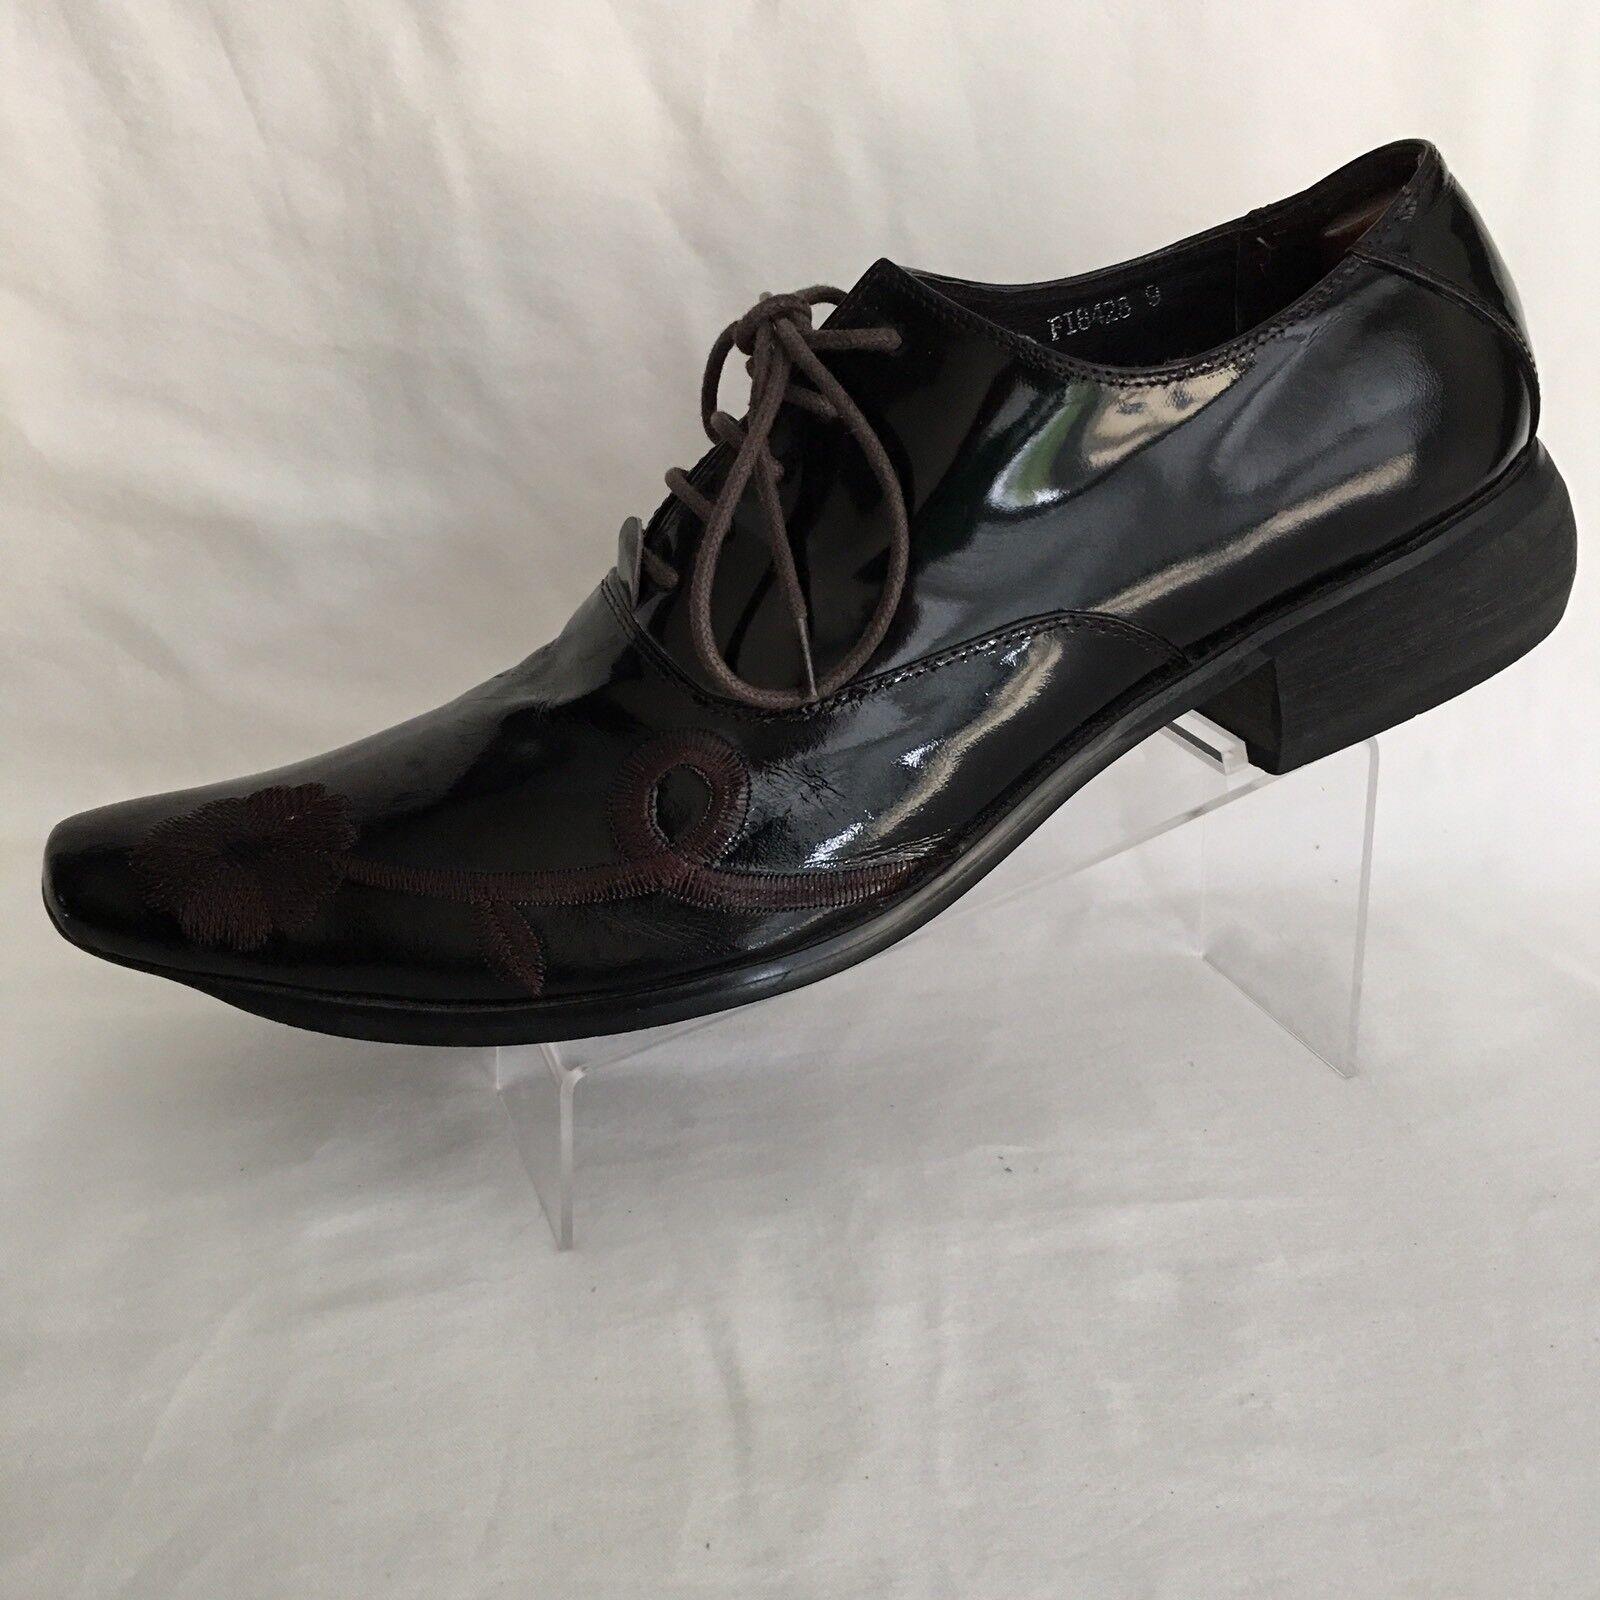 Fiesso Aurelio Garcia Men's Black Brown Leather Floral Oxfords shoes Size 9